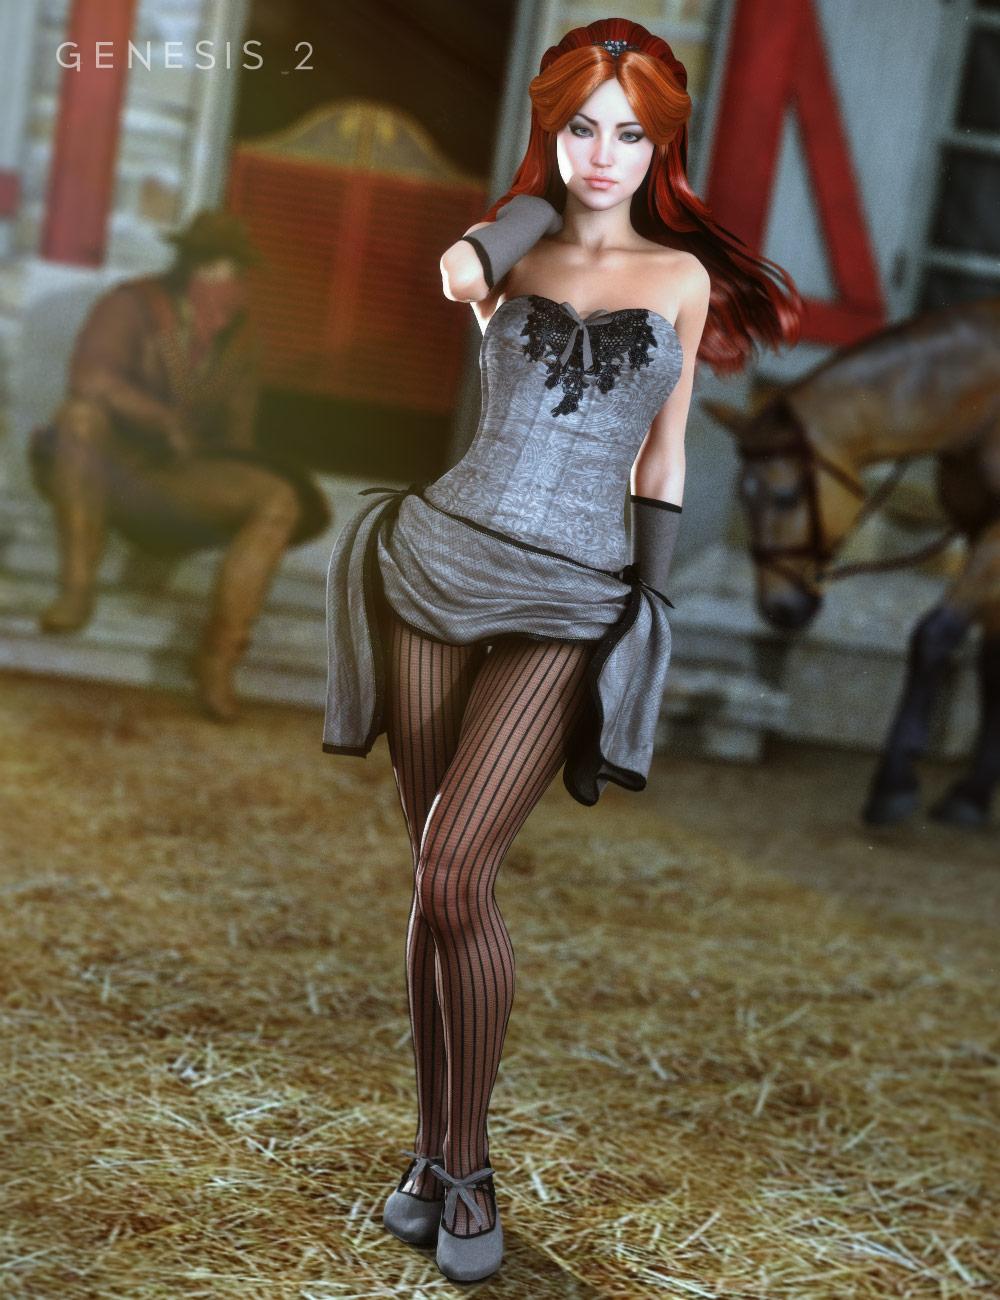 Heartbeat for Genesis 2 Female(s) by: 3DLustSarsa, 3D Models by Daz 3D